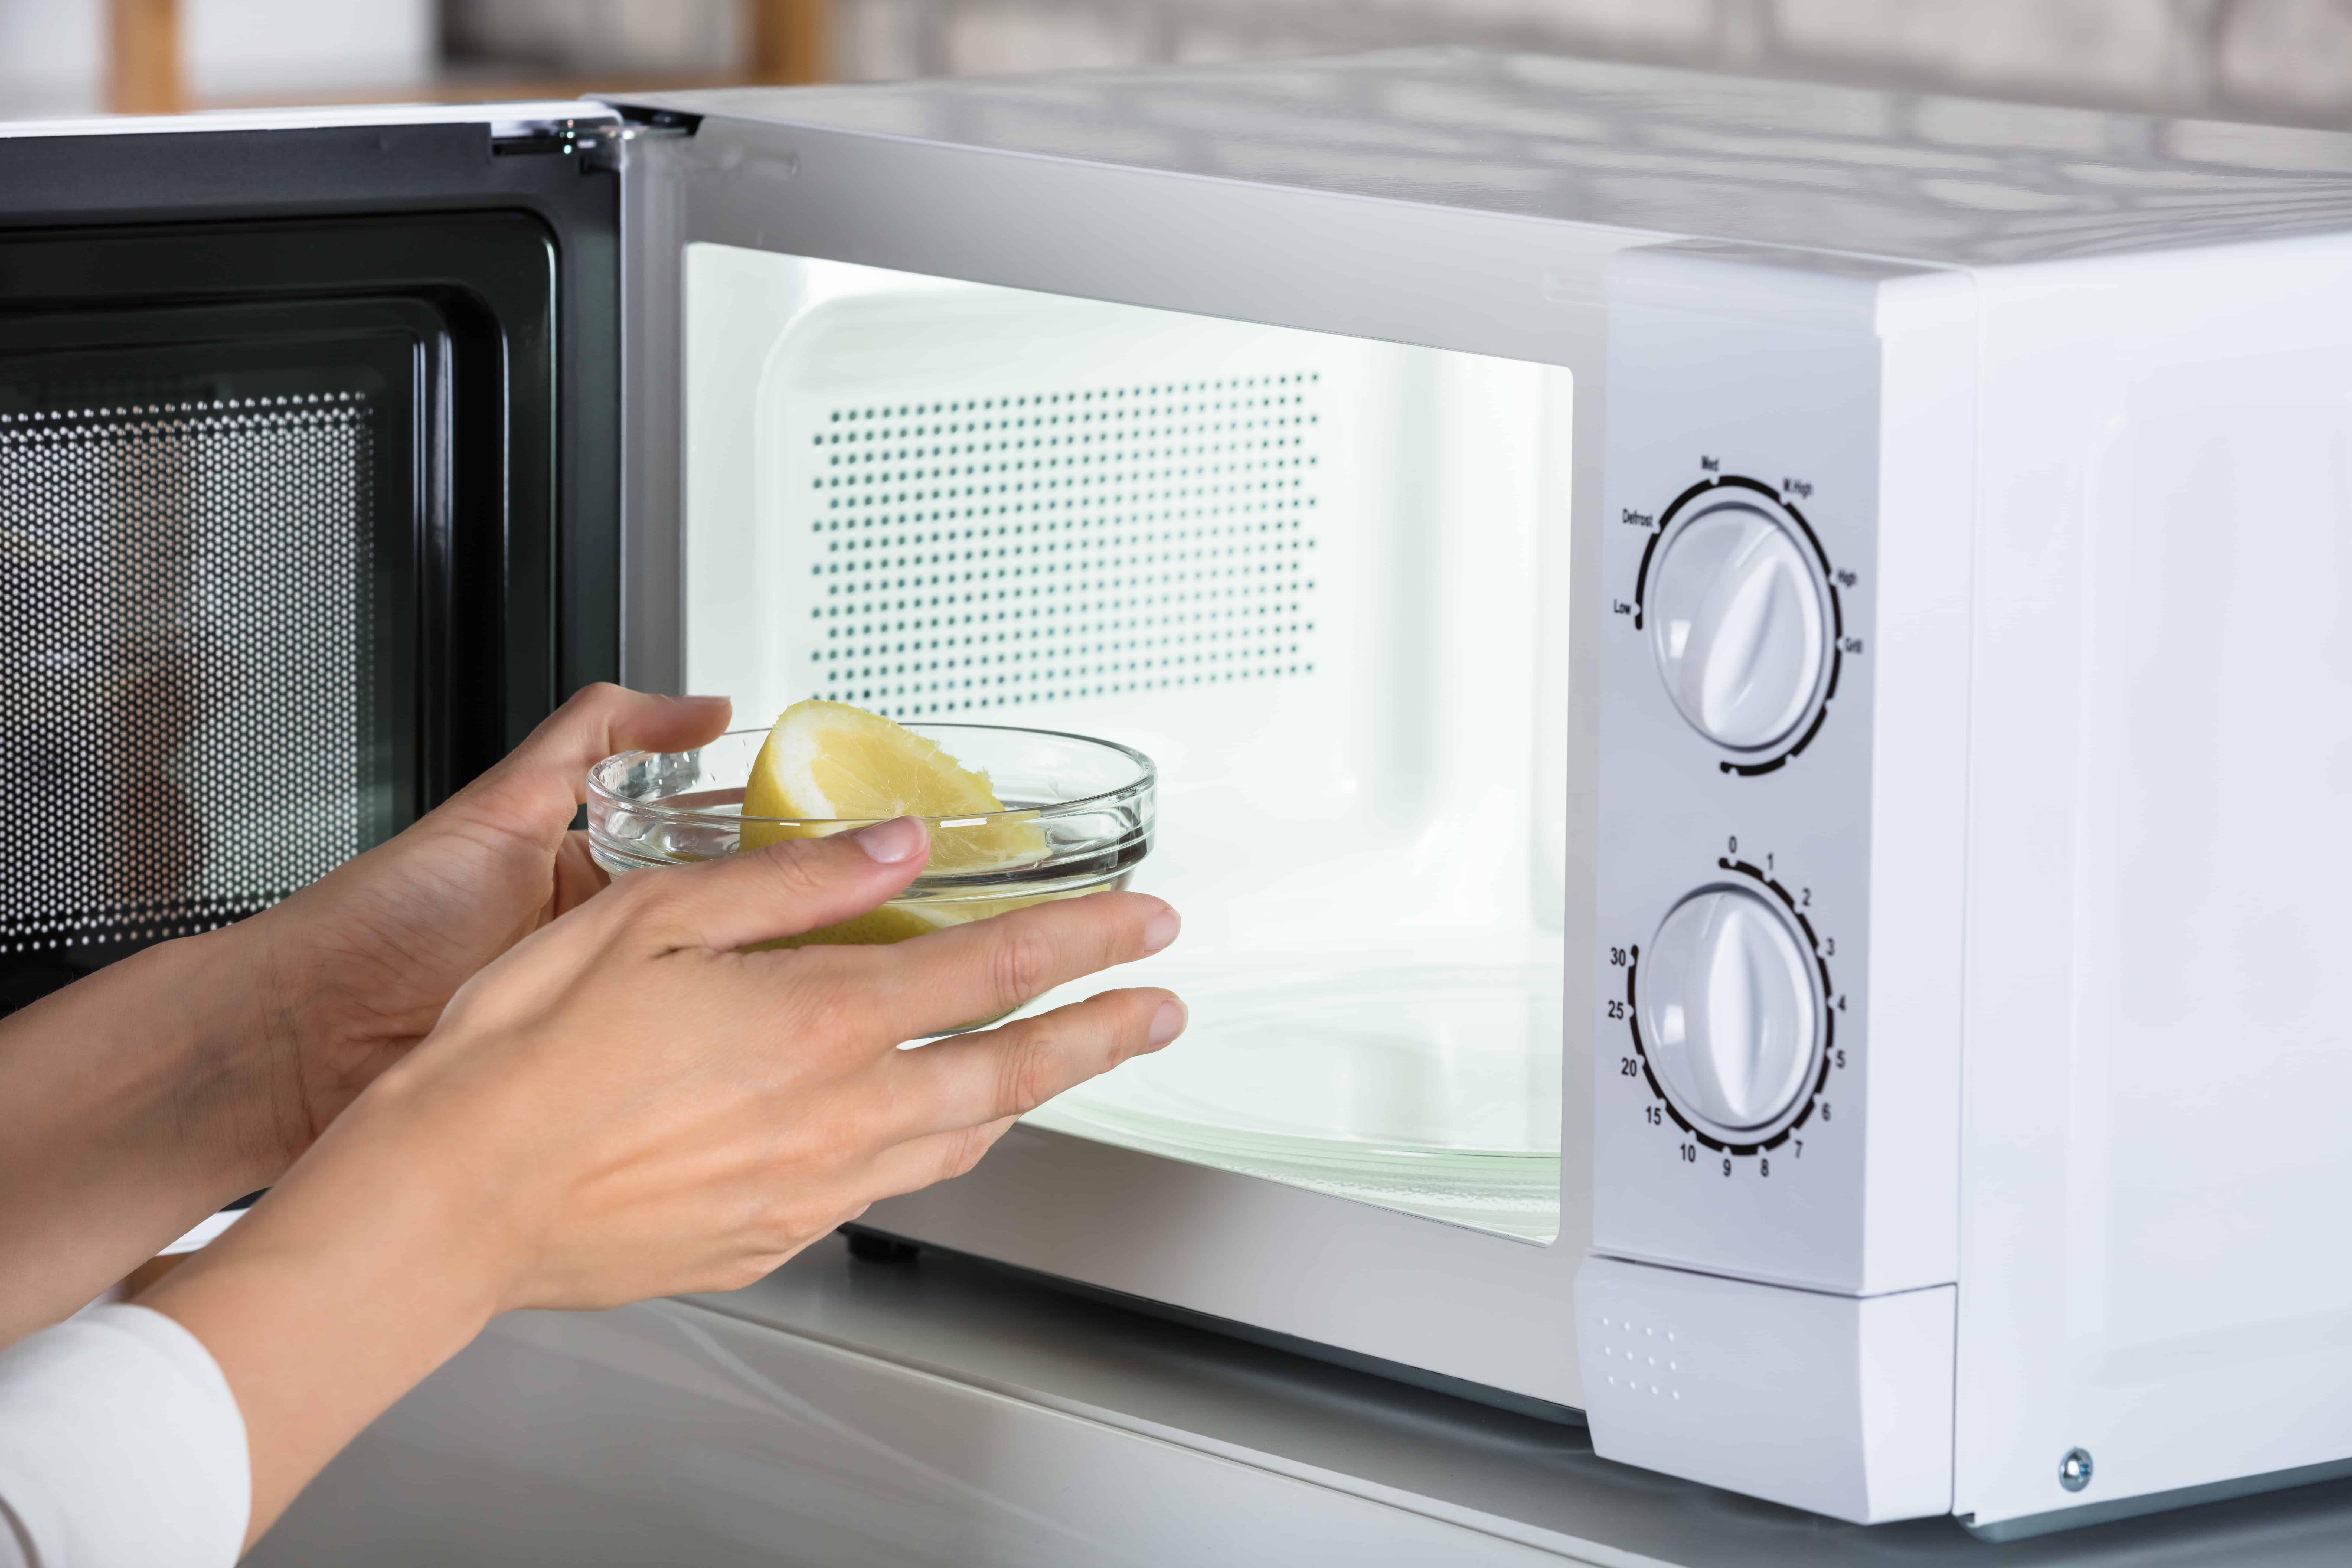 Mikrowelle ohne Drehteller: Test & Empfehlungen (01/20)